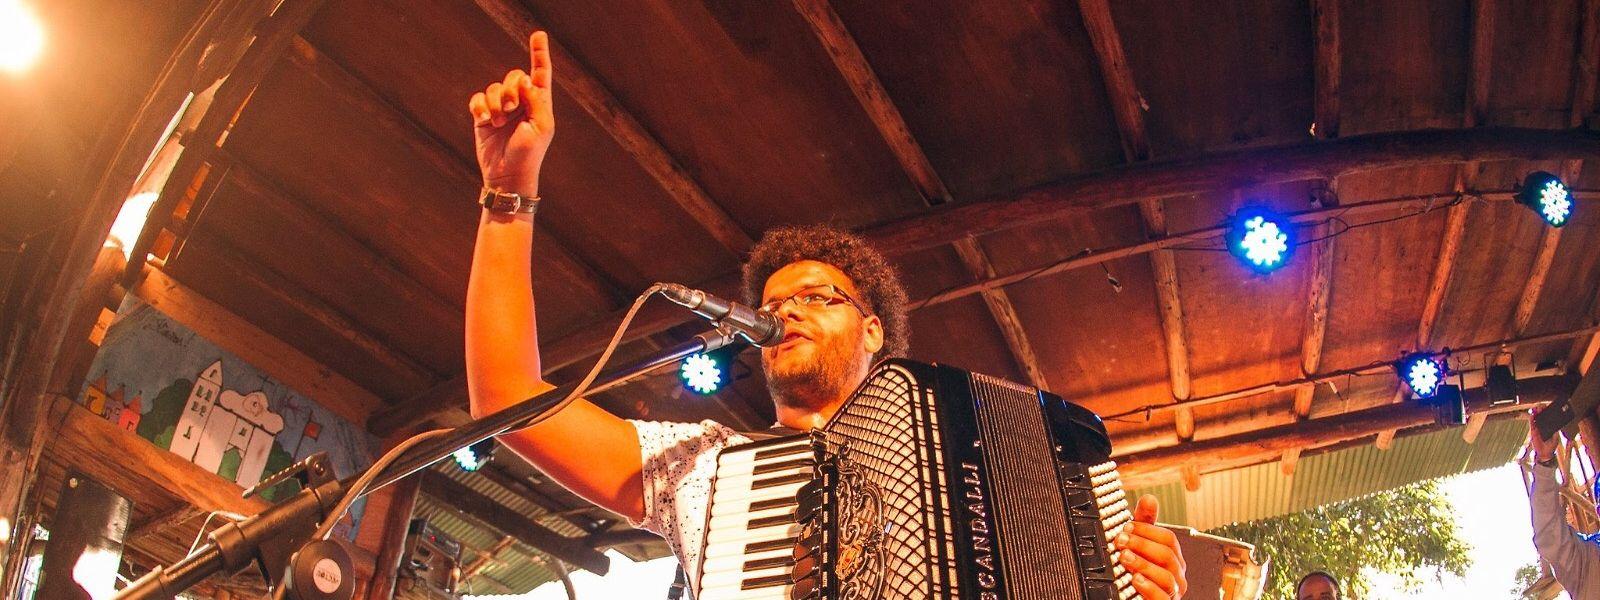 O forró do brasileiro Fabiano Santana vai-se ouvir na rue de Saint Esprit